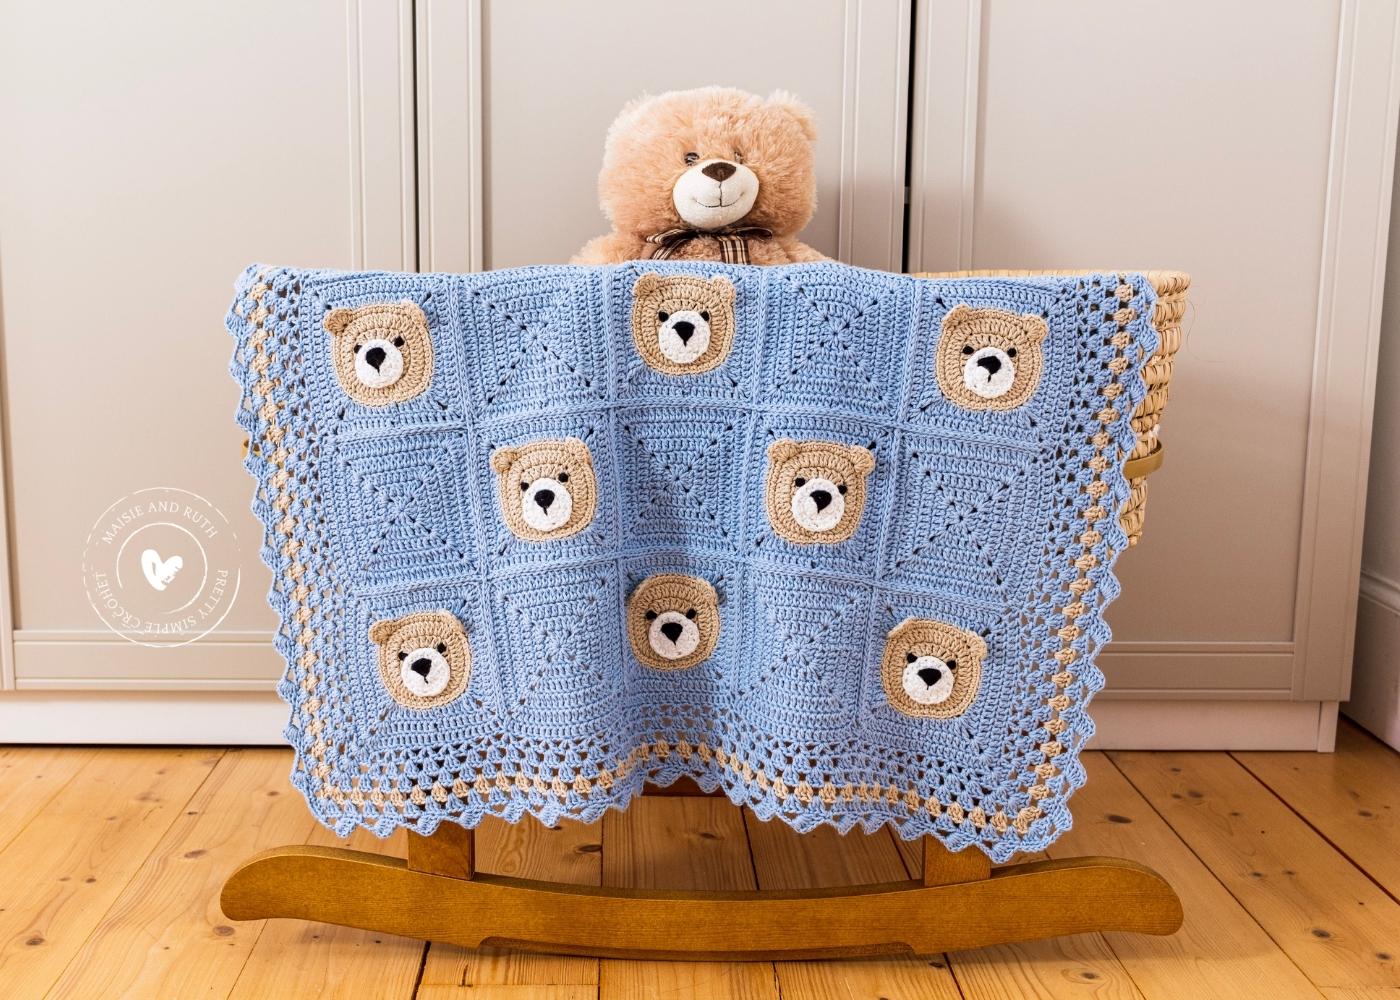 Bear Crochet Baby Blanket Teddy Showcasing it